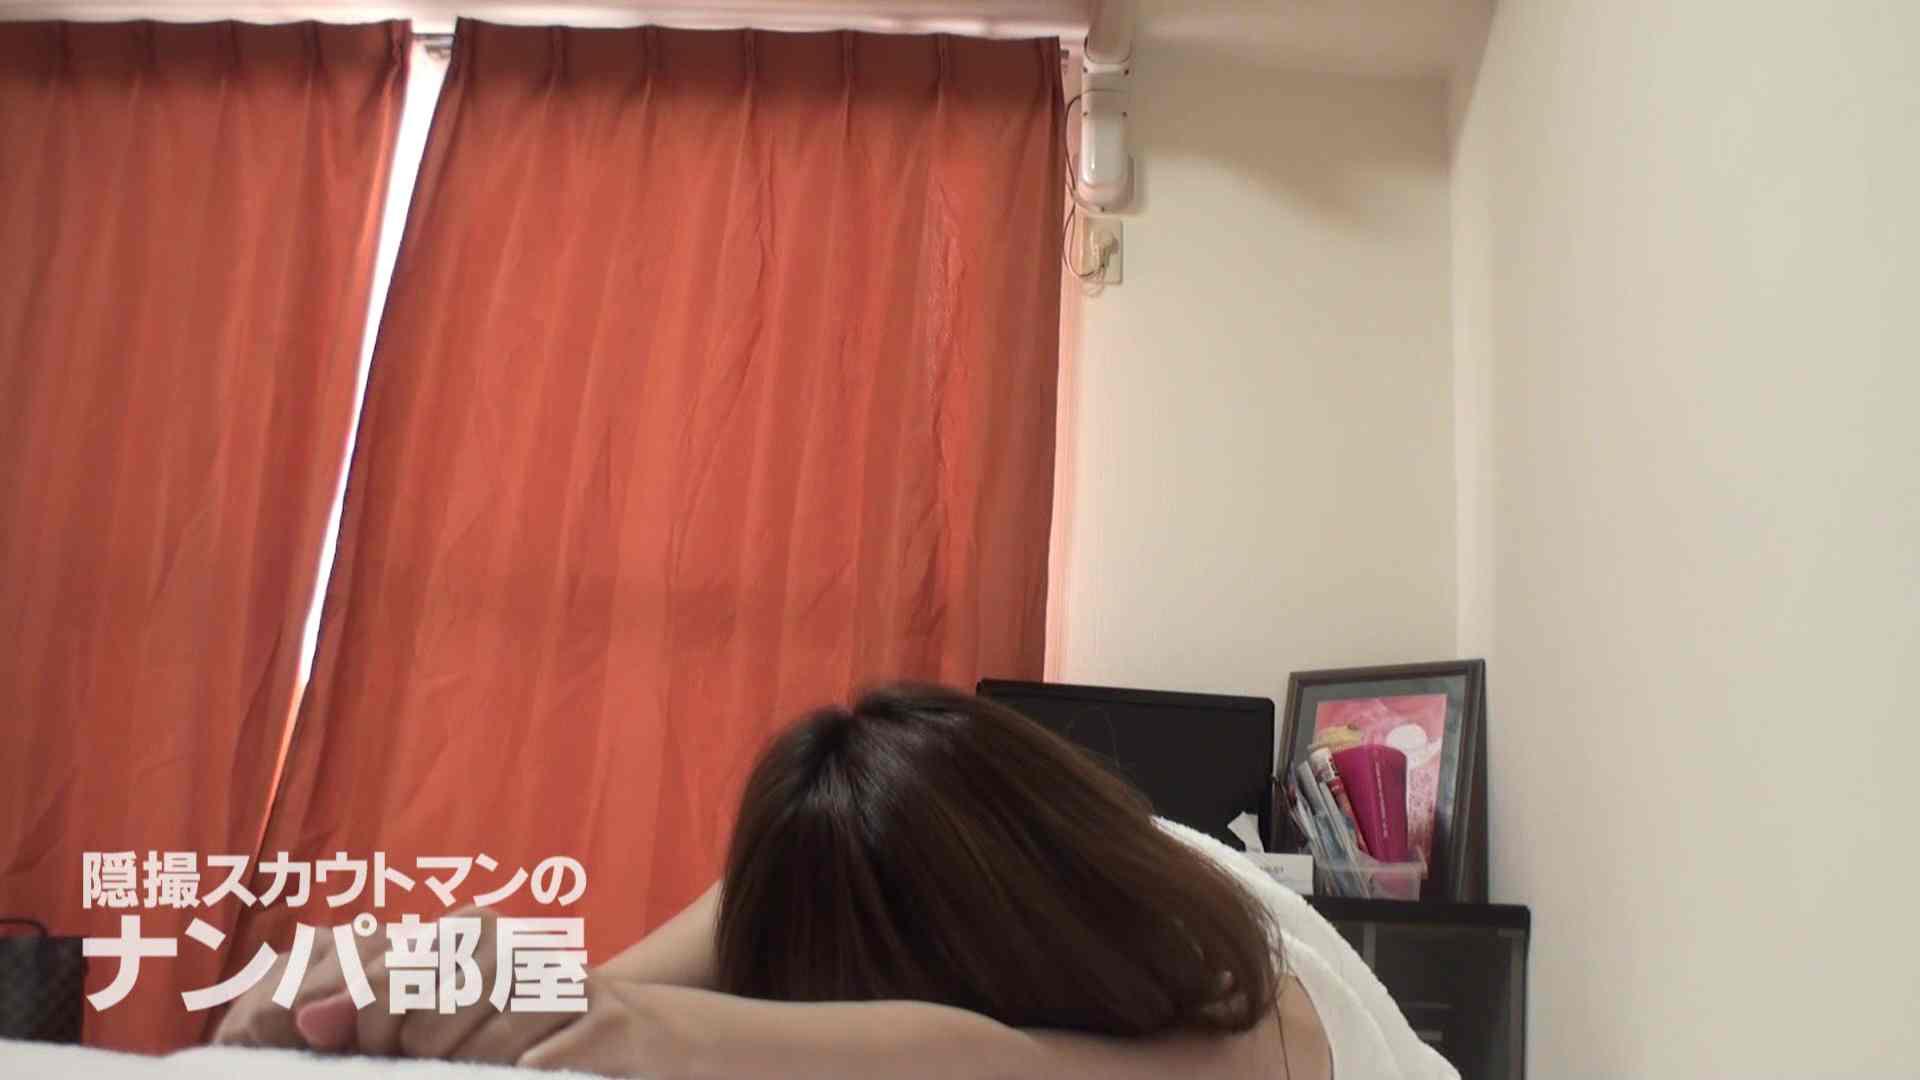 隠撮スカウトマンのナンパ部屋~風俗デビュー前のつまみ食い~ siivol.2 ナンパ  80pic 36